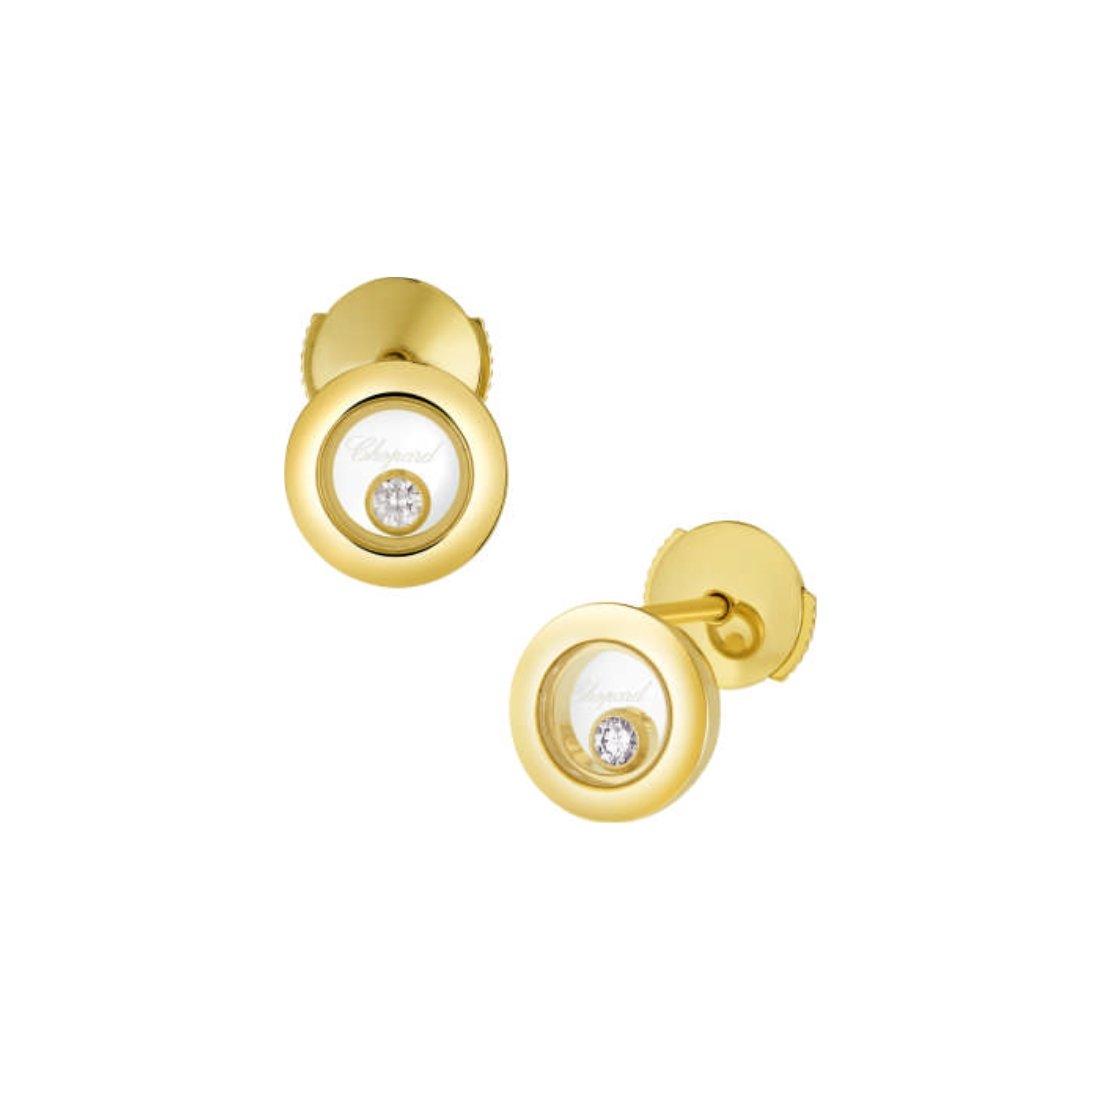 Boucles d'Oreilles Chopard Happy Diamonds en or jaune et diamants vue 1